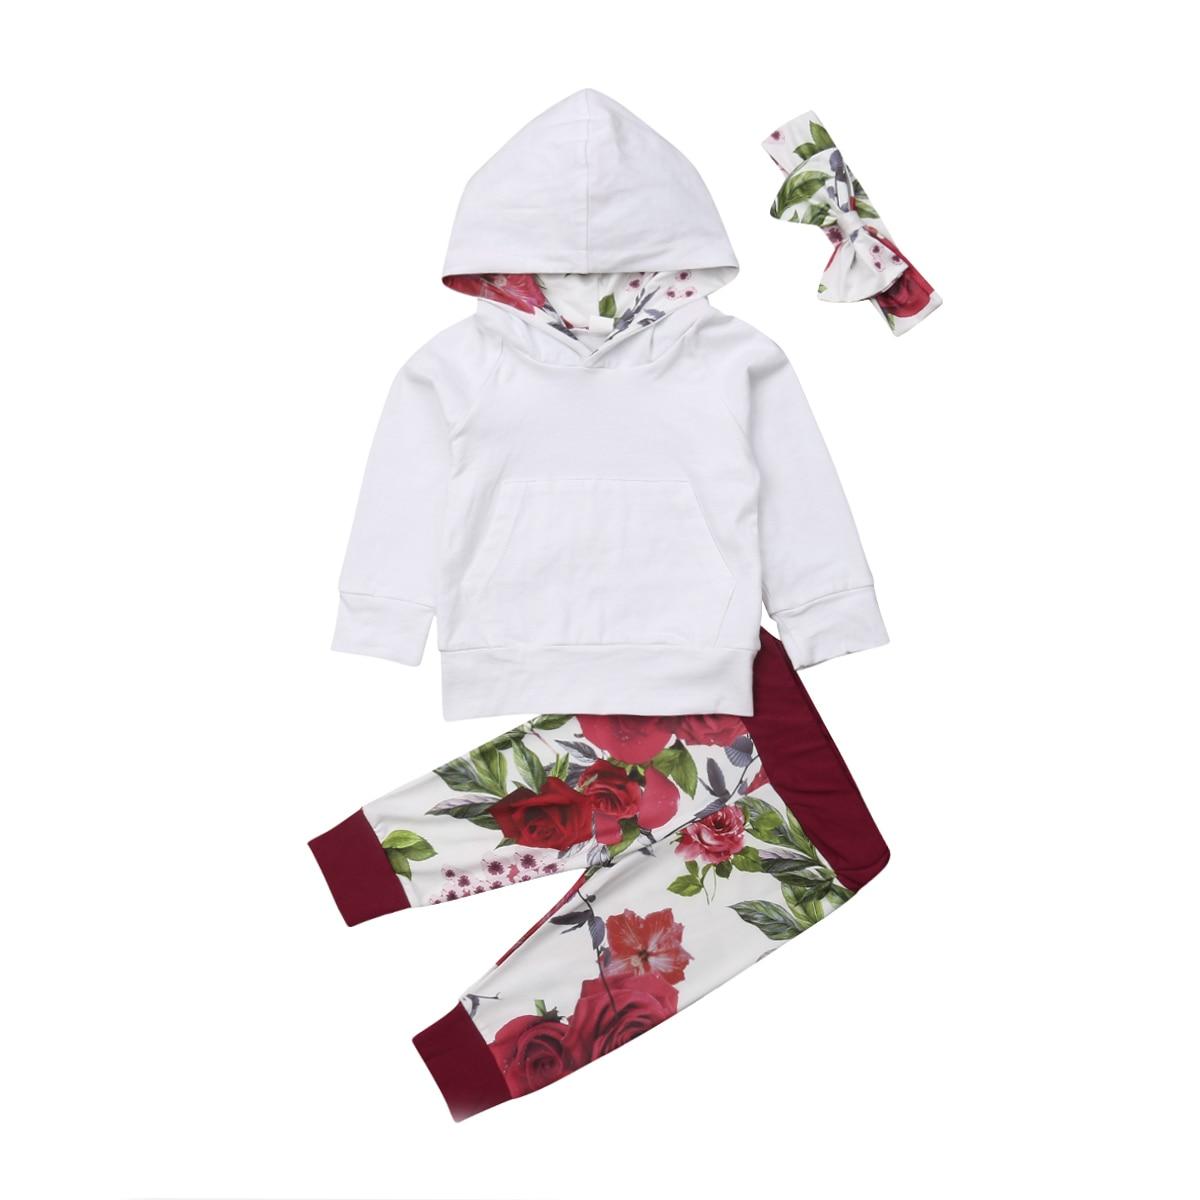 0-2 Mt Neugeborenen Baby Junge Mädchen Herbst Kleidung Langarm Weiß Mit Kapuze Sweatshirt Tops Floral Lange Hose Stirnband 3 Stücke Kleidung Set